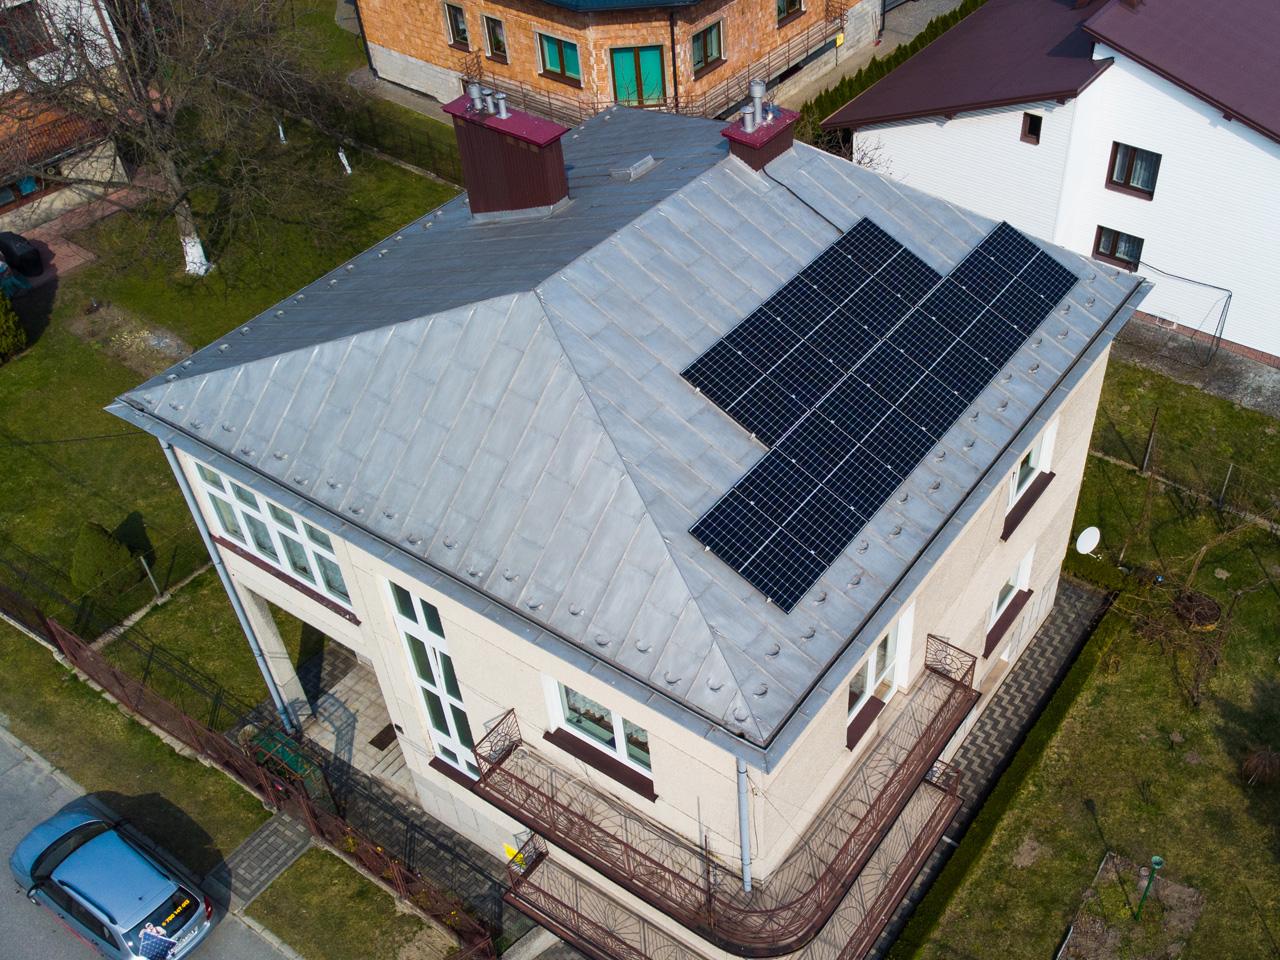 Instalacja fotowoltaiczna w Brzesku, montaż paneli na dachu